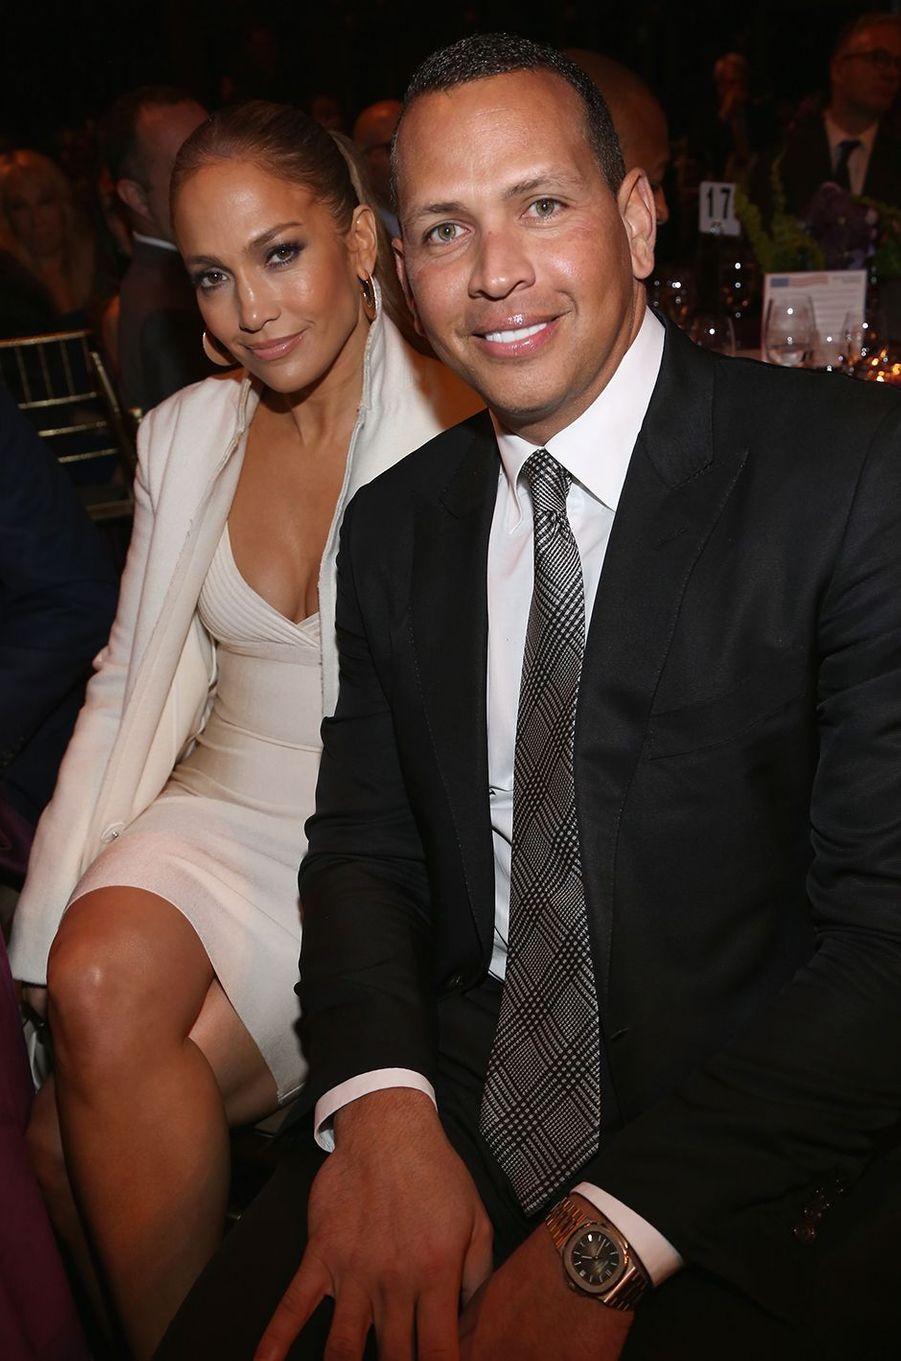 Jennifer Lopez et Alex Rodriguez lors d'un gala caritatif à New York en novembre 2017.Le couple se fréquente depuis le début de l'année 2017 et s'est fiancé en 2019.